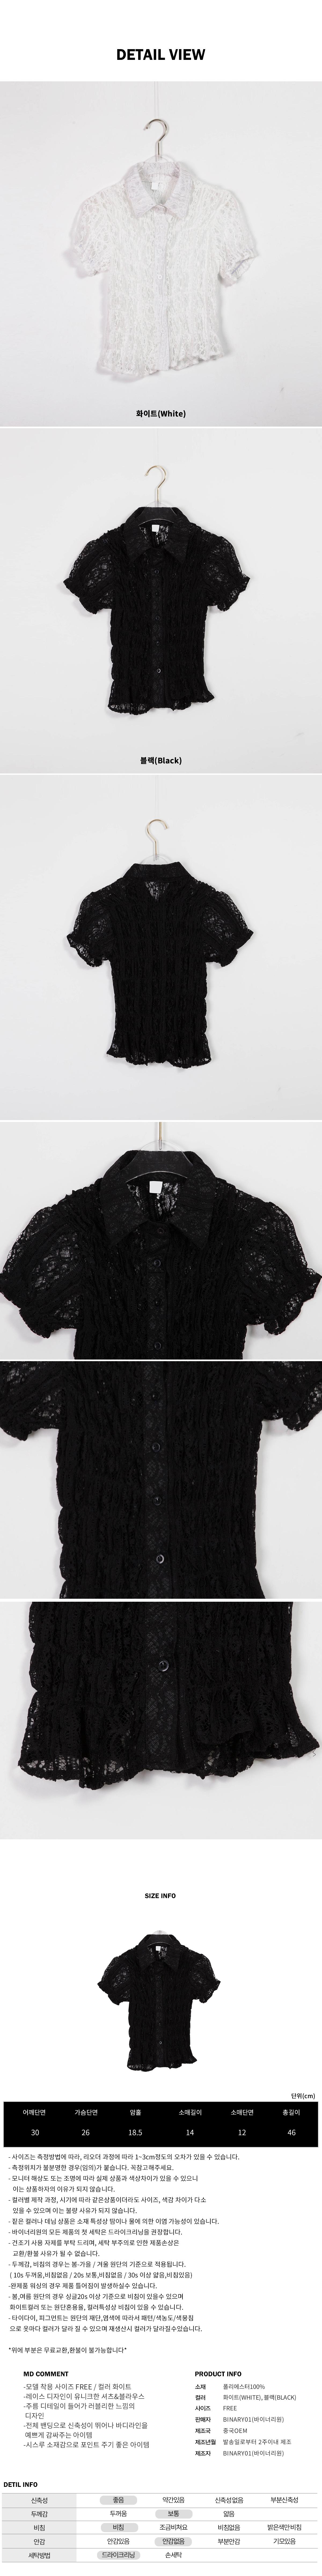 Lace D'Anne Shirt & Blouse